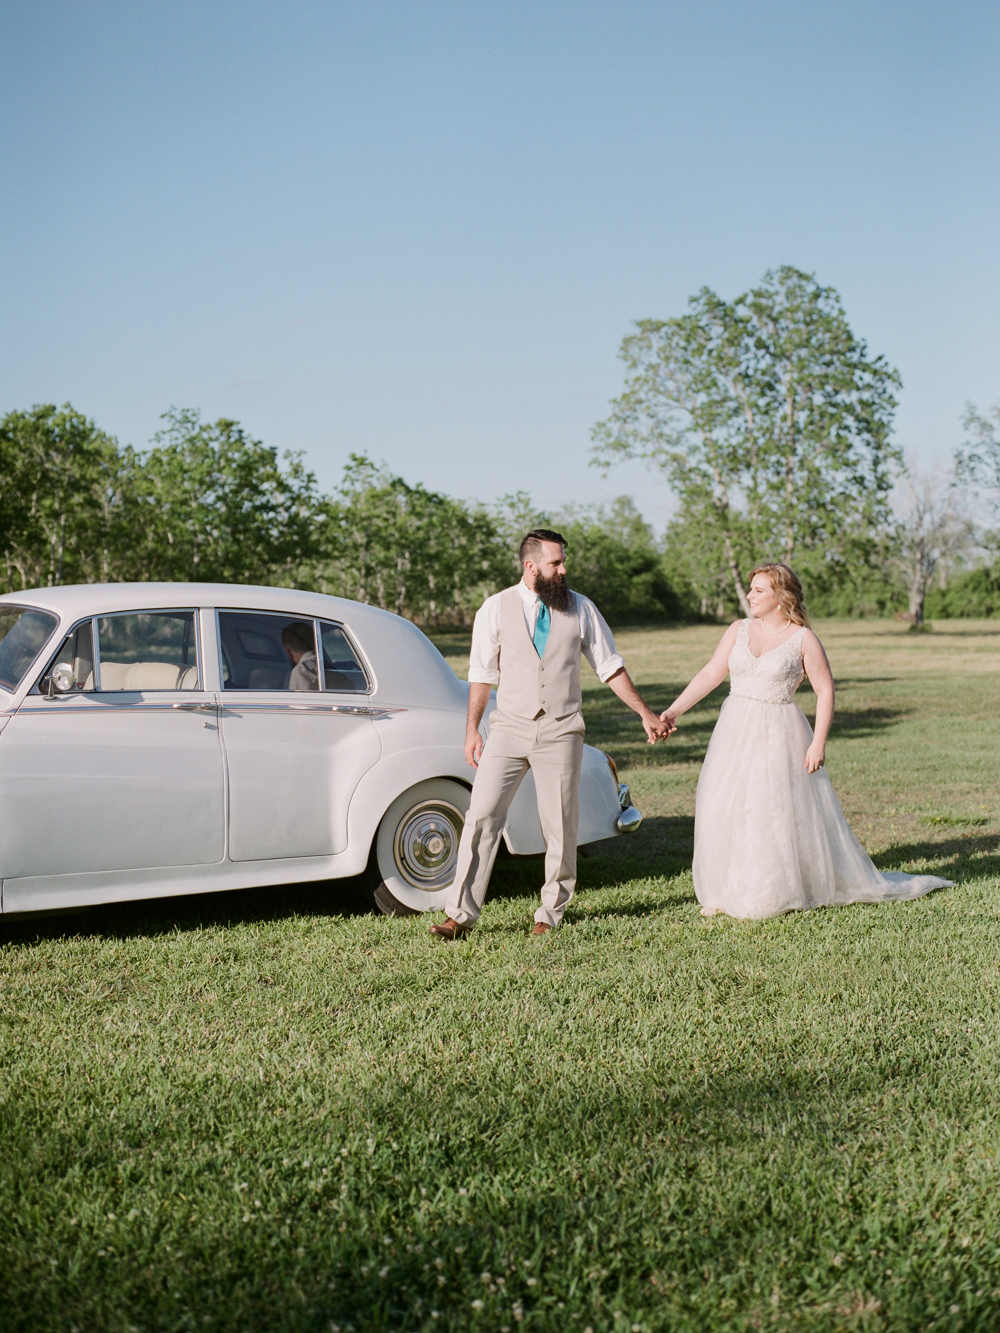 Royal wedding inspiration_christine Gosch_Houston wedding photographer_houston wedding _houston film photographer_film photographer_www.christinegosch.com-7.jpg